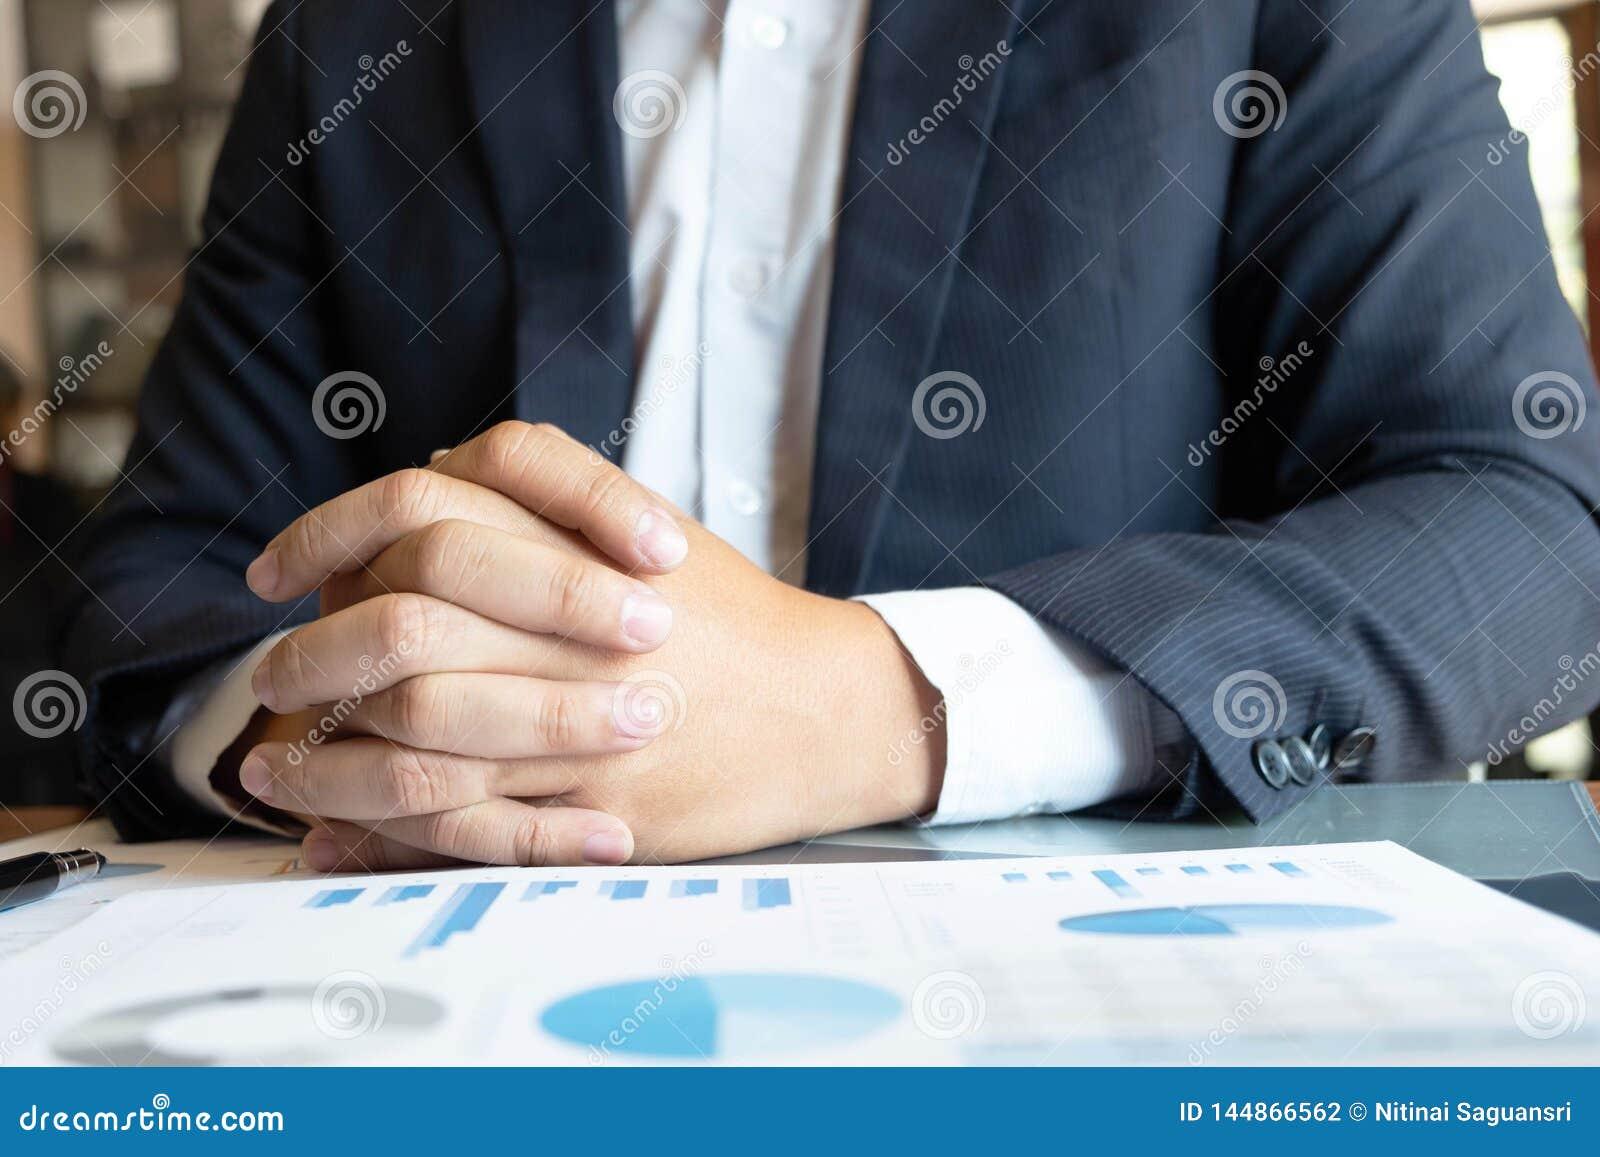 Финансовое введение cousultation дела встречи плановика бухгалтера